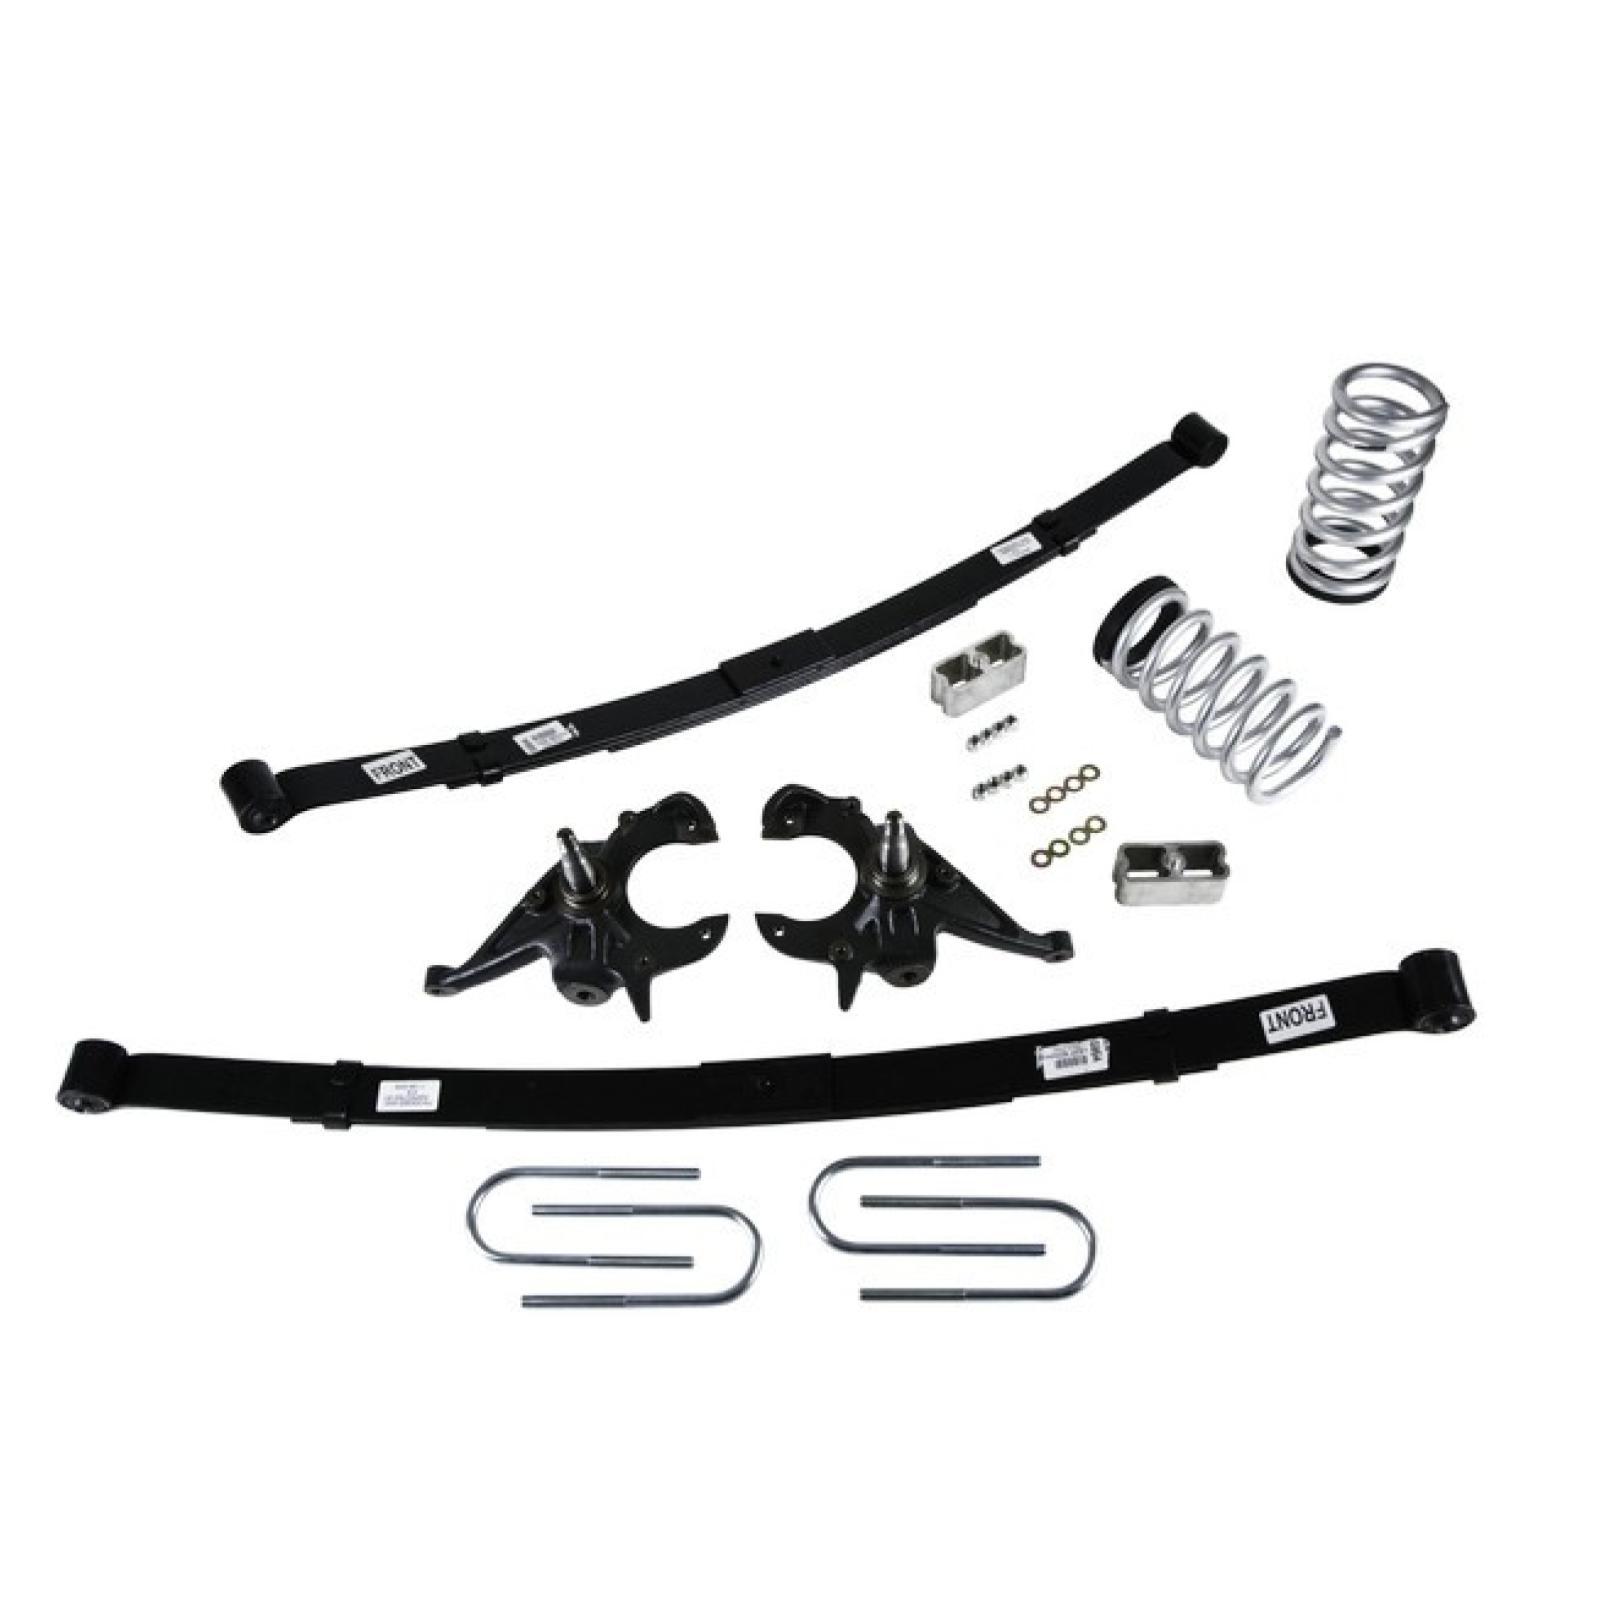 Belltech 616 Lowering Kit For 82 04 Chevrolet S10 Gmc S15